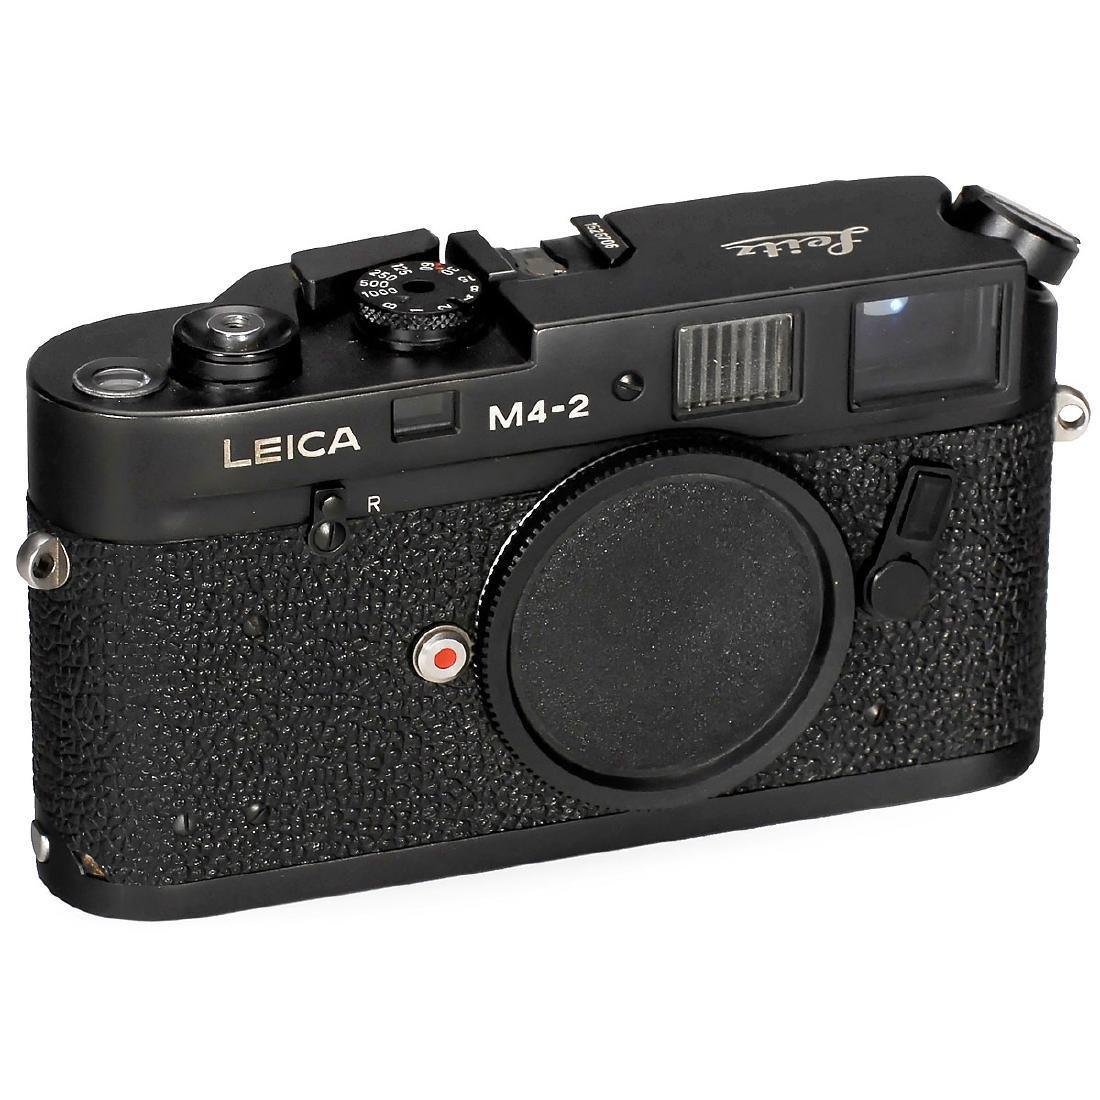 Leica M4-2, 1979